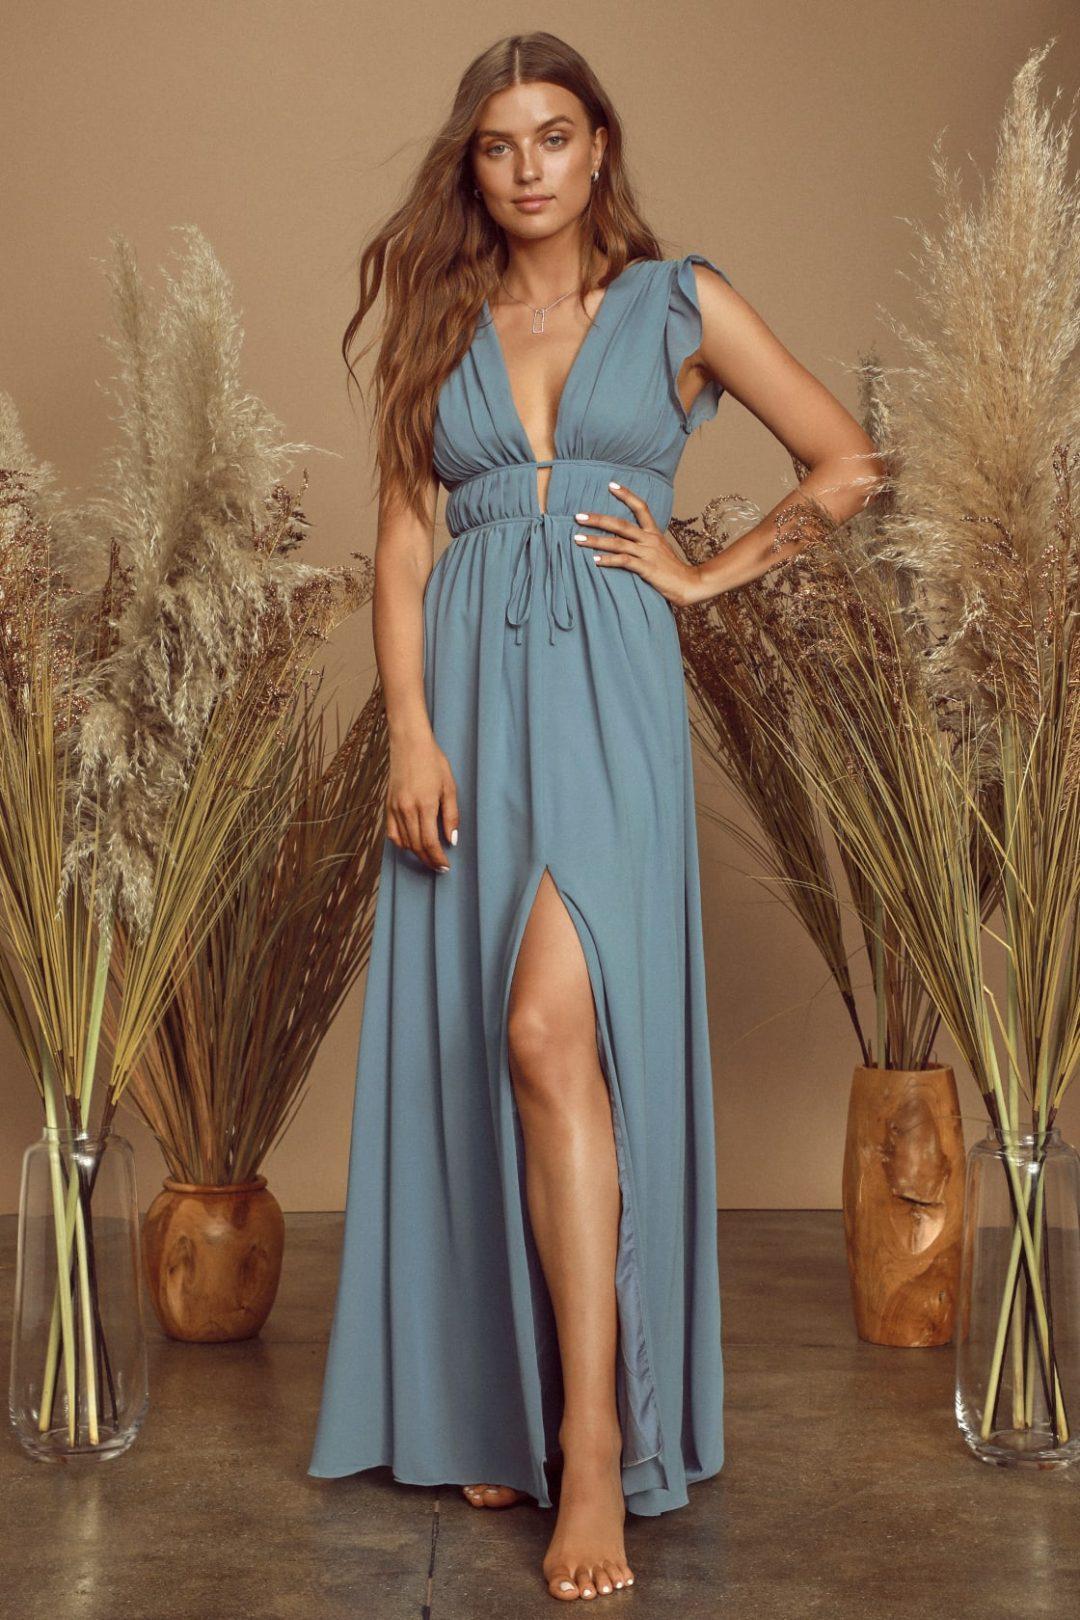 Slate blue nursing dress for wedding guest